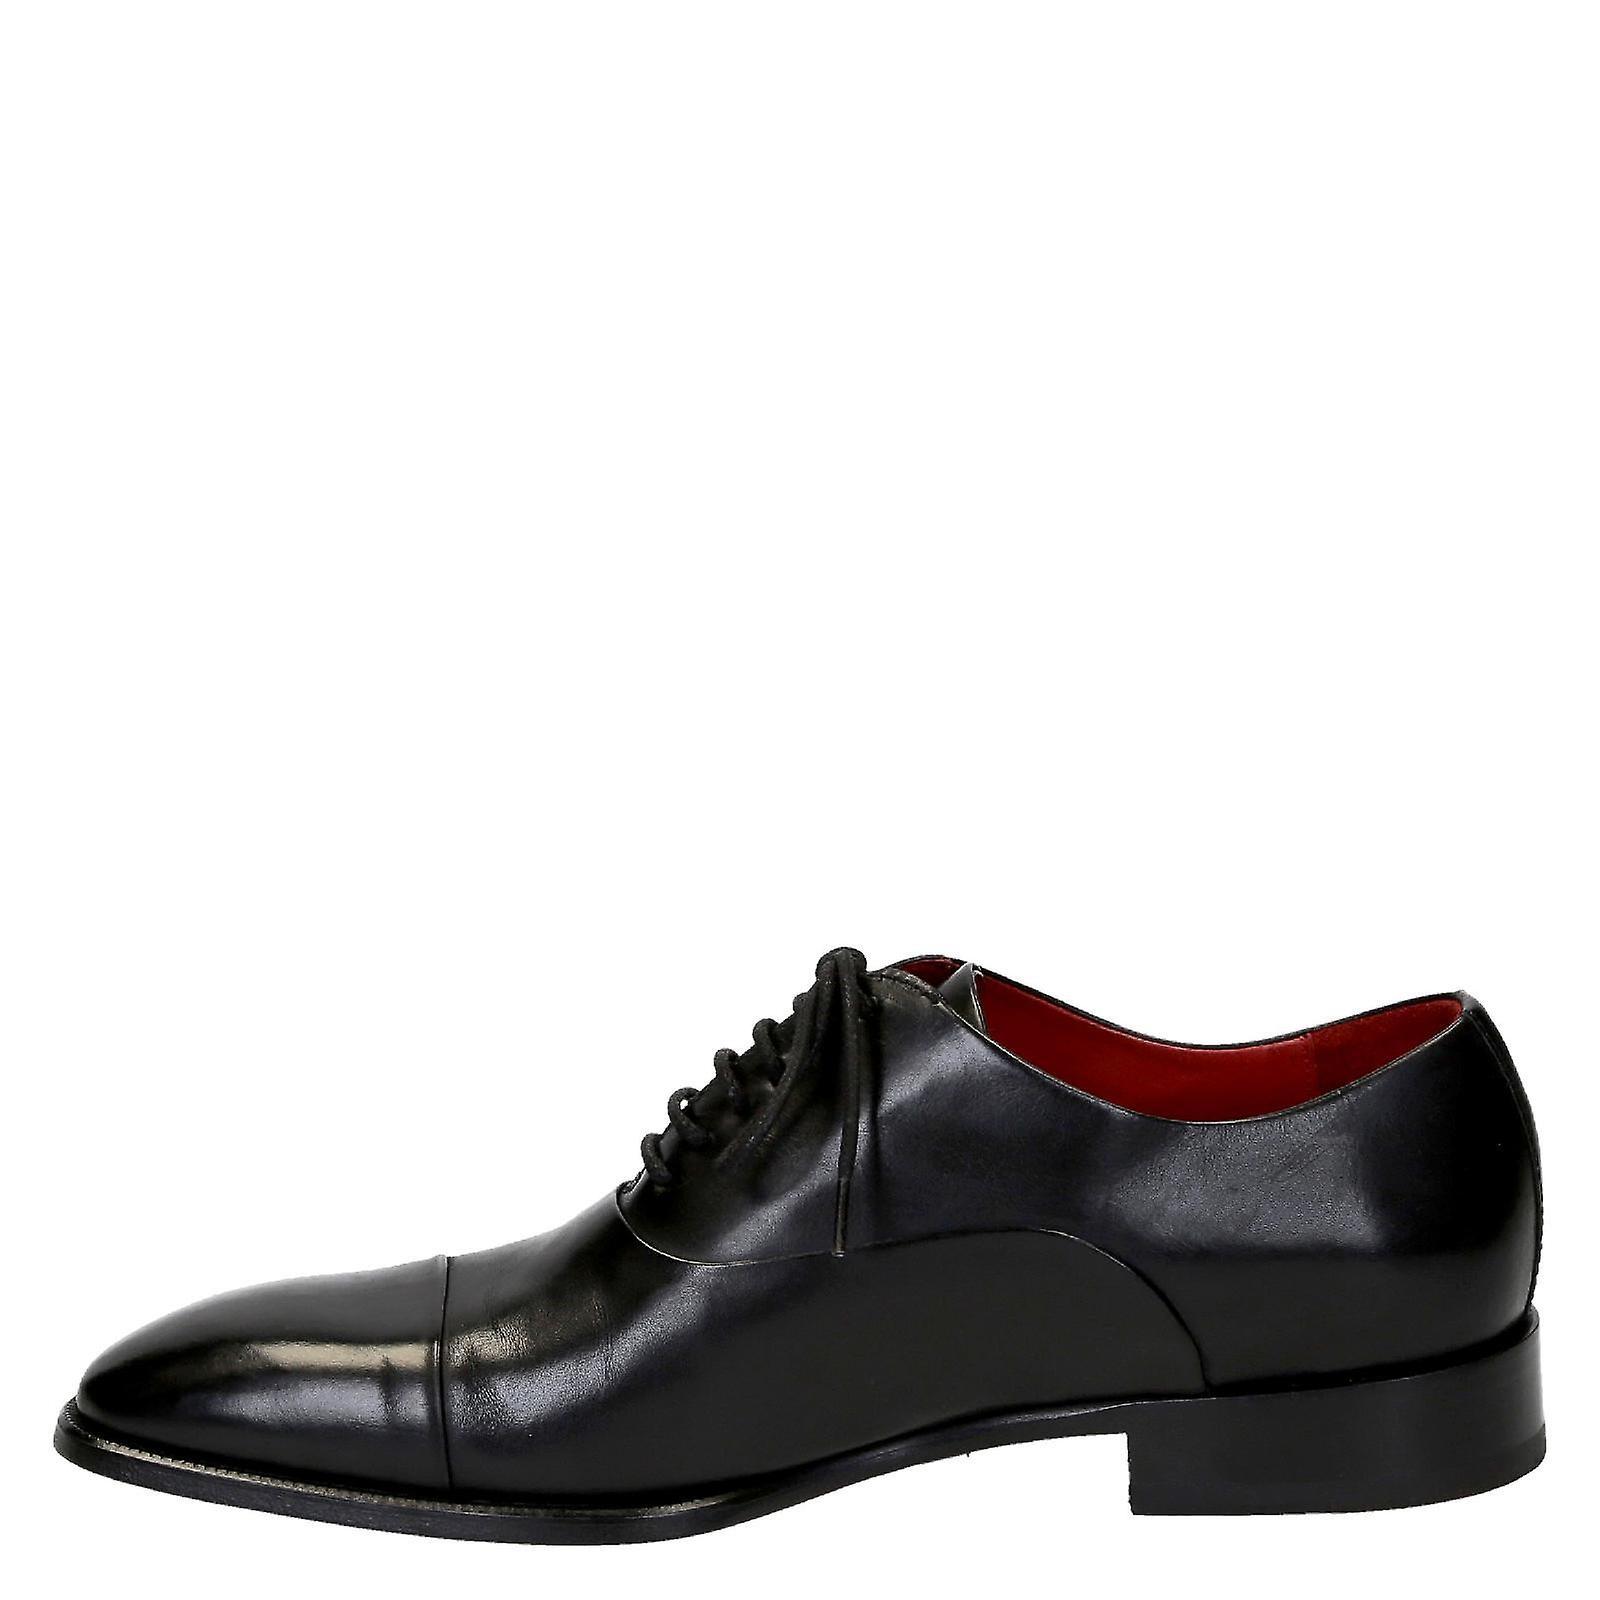 Chaussures Leonardo Sngblackleat3 Chaussures à lacets en cuir noir